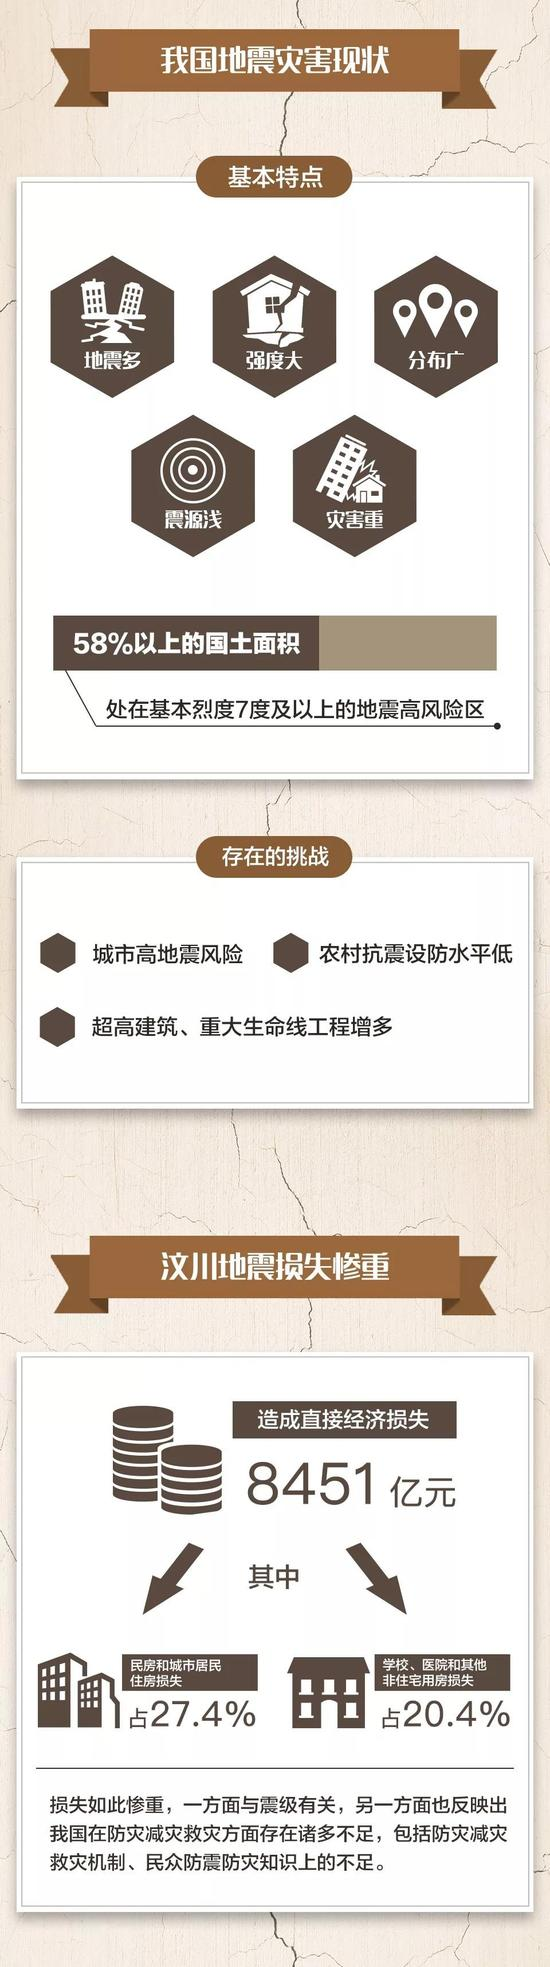 △上述数据来自于中国地动局官方网站及国新办2008年9月举办的一次宣布会